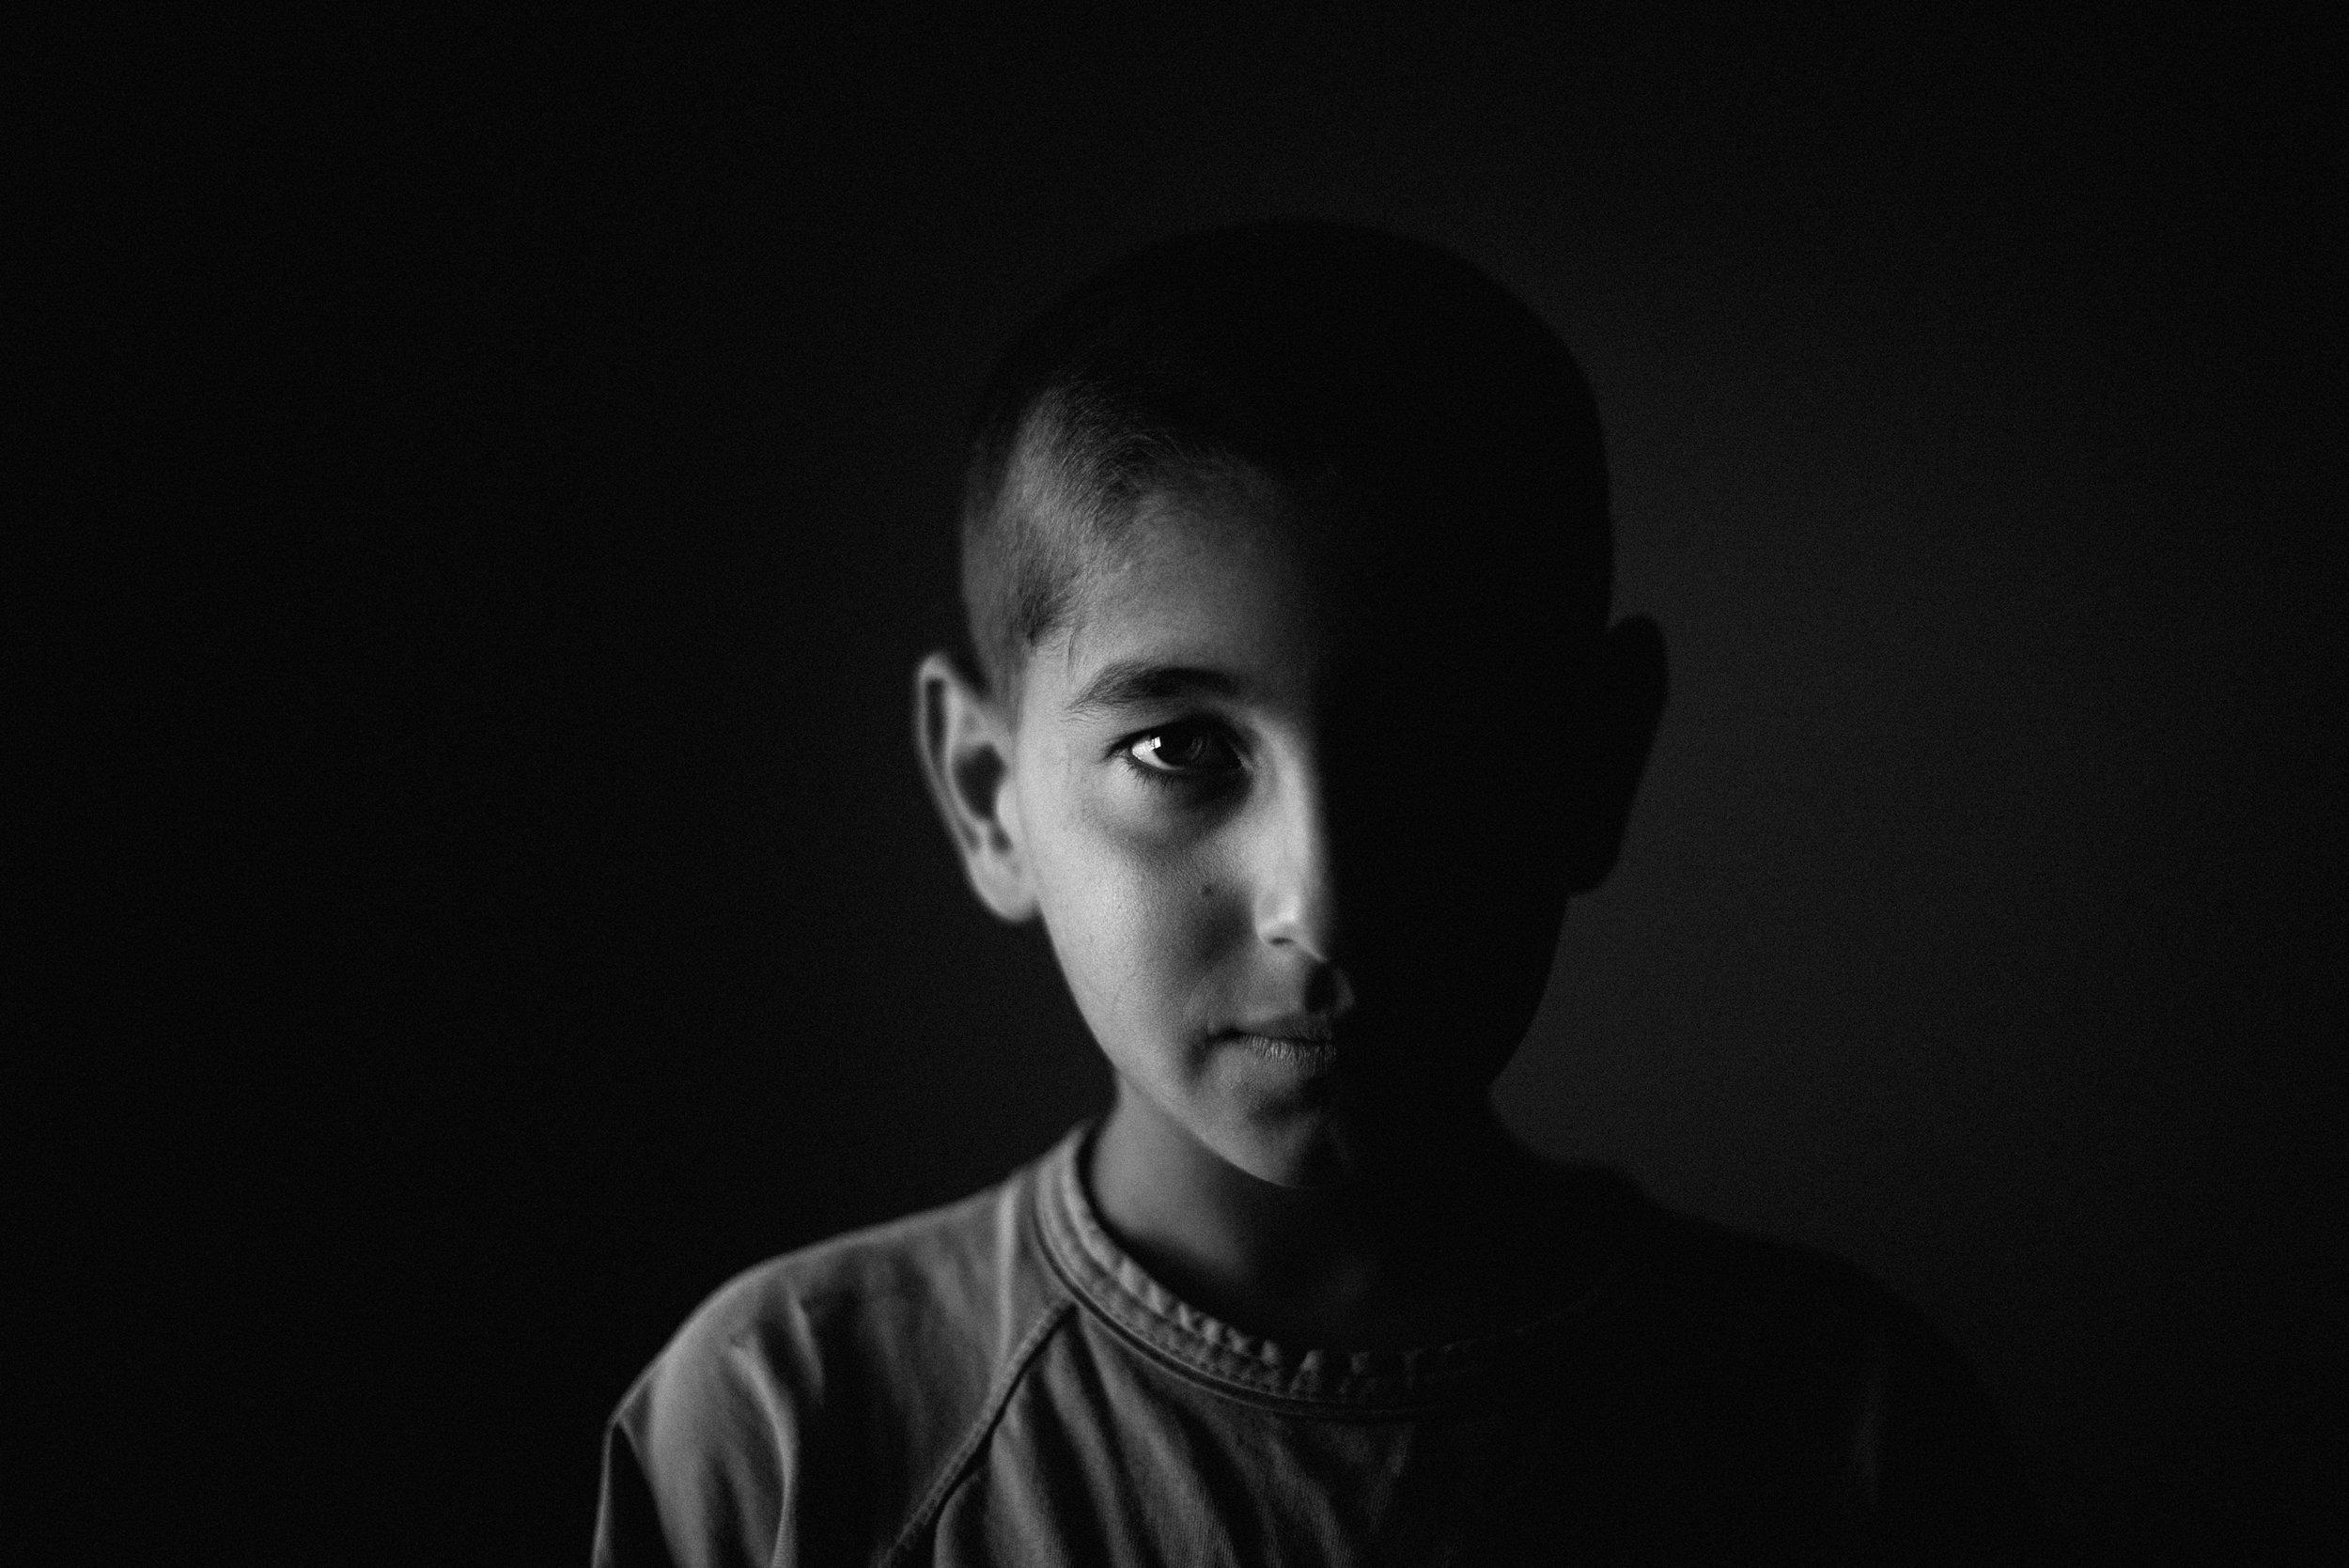 syria_bw_10.jpg